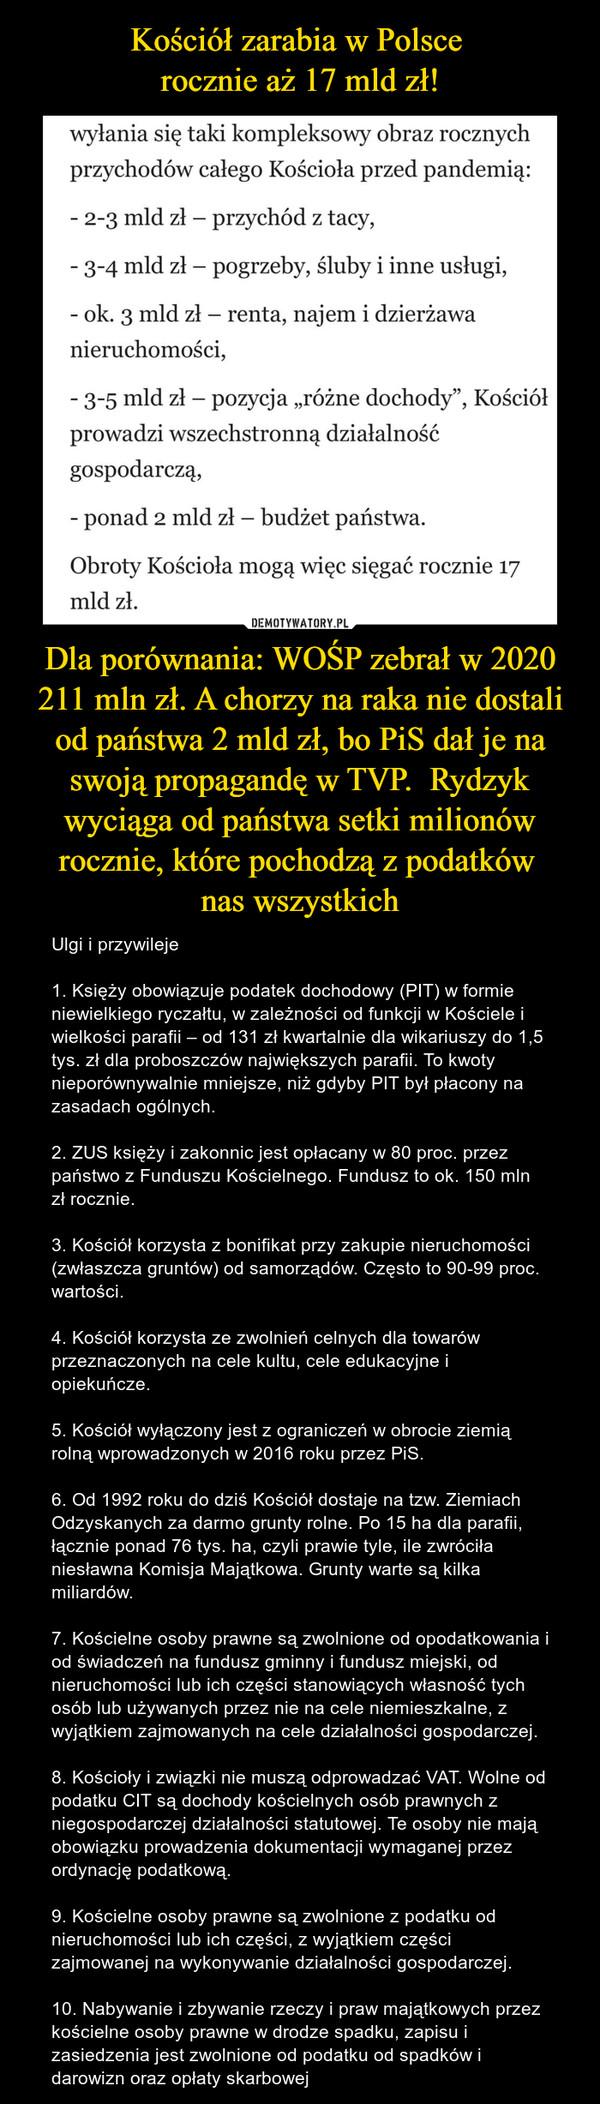 Dla porównania: WOŚP zebrał w 2020 211 mln zł. A chorzy na raka nie dostali od państwa 2 mld zł, bo PiS dał je na swoją propagandę w TVP.  Rydzyk wyciąga od państwa setki milionów rocznie, które pochodzą z podatków nas wszystkich – Ulgi i przywileje1. Księży obowiązuje podatek dochodowy (PIT) w formie niewielkiego ryczałtu, w zależności od funkcji w Kościele i wielkości parafii – od 131 zł kwartalnie dla wikariuszy do 1,5 tys. zł dla proboszczów największych parafii. To kwoty nieporównywalnie mniejsze, niż gdyby PIT był płacony na zasadach ogólnych.2. ZUS księży i zakonnic jest opłacany w 80 proc. przez państwo z Funduszu Kościelnego. Fundusz to ok. 150 mln zł rocznie.3. Kościół korzysta z bonifikat przy zakupie nieruchomości (zwłaszcza gruntów) od samorządów. Często to 90-99 proc. wartości.4. Kościół korzysta ze zwolnień celnych dla towarów przeznaczonych na cele kultu, cele edukacyjne i opiekuńcze.5. Kościół wyłączony jest z ograniczeń w obrocie ziemią rolną wprowadzonych w 2016 roku przez PiS.6. Od 1992 roku do dziś Kościół dostaje na tzw. Ziemiach Odzyskanych za darmo grunty rolne. Po 15 ha dla parafii, łącznie ponad 76 tys. ha, czyli prawie tyle, ile zwróciła niesławna Komisja Majątkowa. Grunty warte są kilka miliardów.7. Kościelne osoby prawne są zwolnione od opodatkowania i od świadczeń na fundusz gminny i fundusz miejski, od nieruchomości lub ich części stanowiących własność tych osób lub używanych przez nie na cele niemieszkalne, z wyjątkiem zajmowanych na cele działalności gospodarczej.8. Kościoły i związki nie muszą odprowadzać VAT. Wolne od podatku CIT są dochody kościelnych osób prawnych z niegospodarczej działalności statutowej. Te osoby nie mają obowiązku prowadzenia dokumentacji wymaganej przez ordynację podatkową.9. Kościelne osoby prawne są zwolnione z podatku od nieruchomości lub ich części, z wyjątkiem części zajmowanej na wykonywanie działalności gospodarczej.10. Nabywanie i zbywanie rzeczy i praw majątkowych przez kościelne osoby prawne w drodz